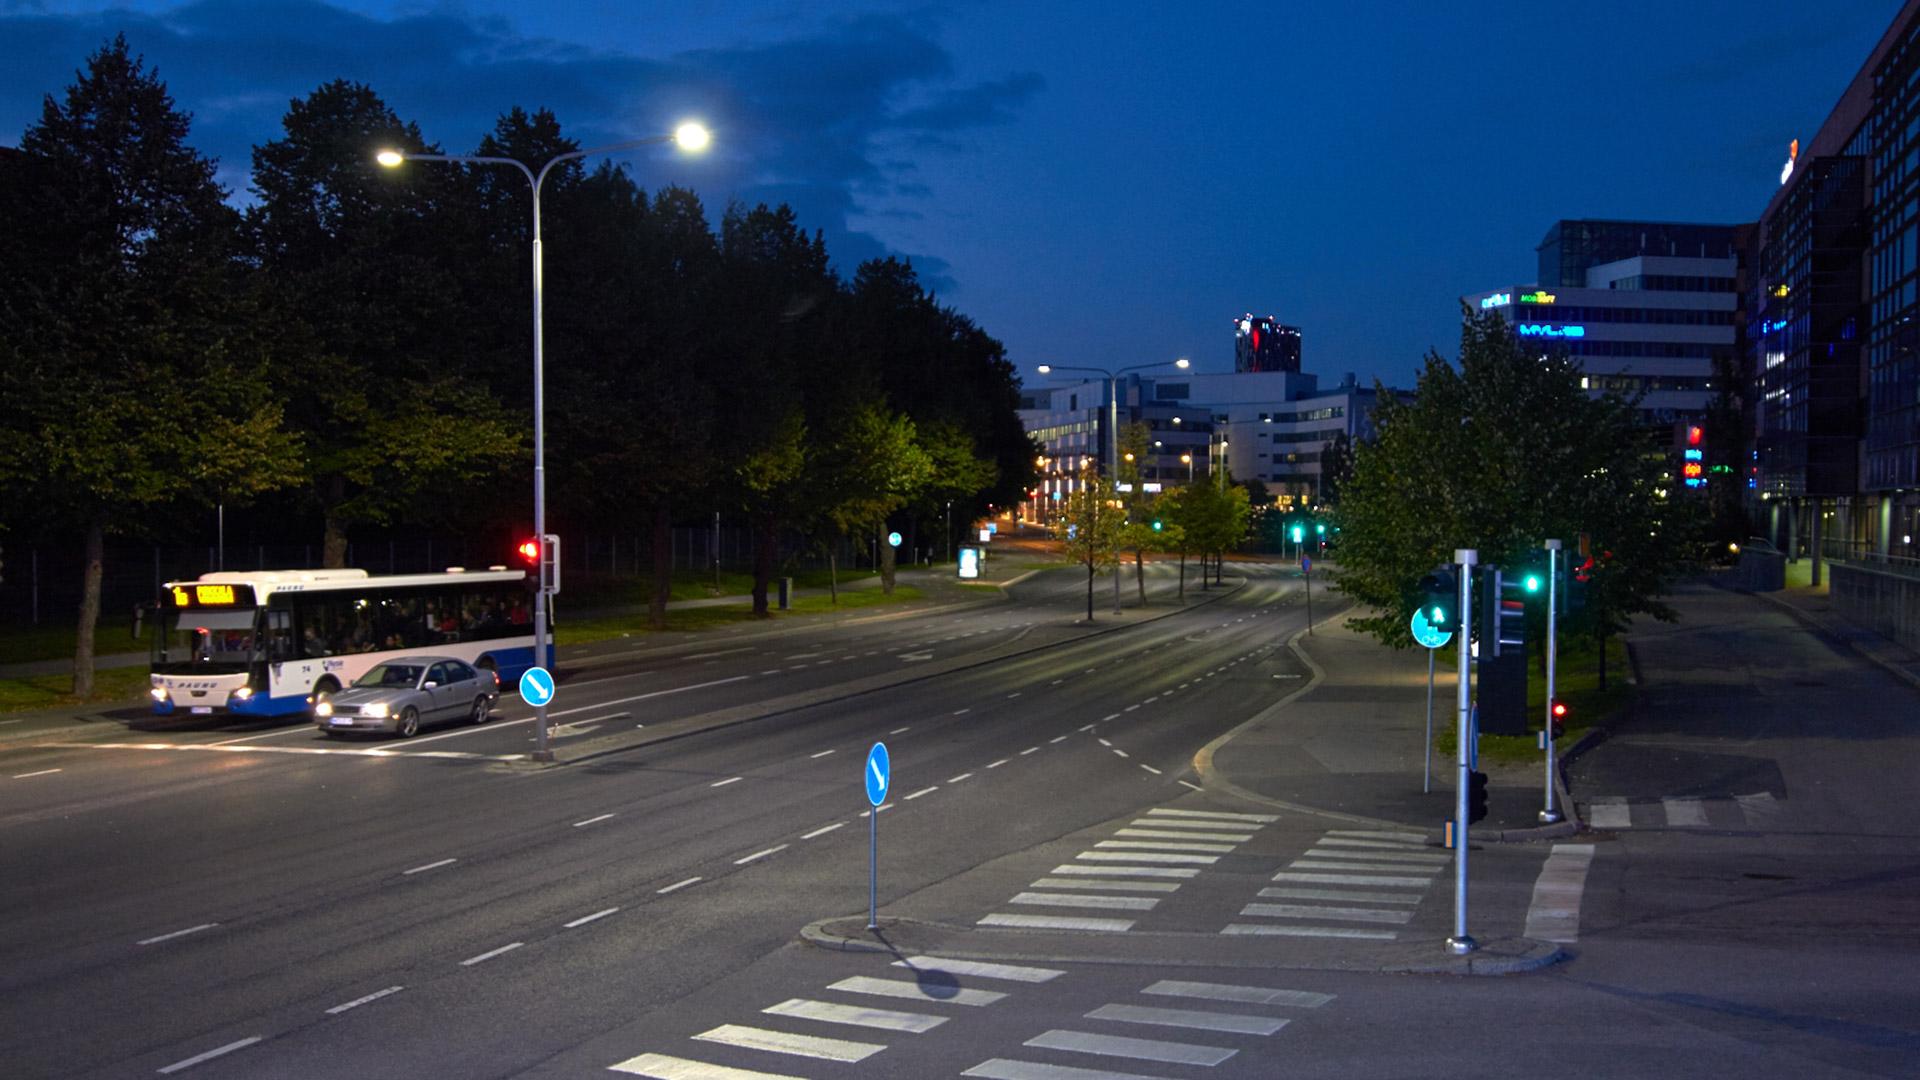 Tampere_Sirius L_1920x1080